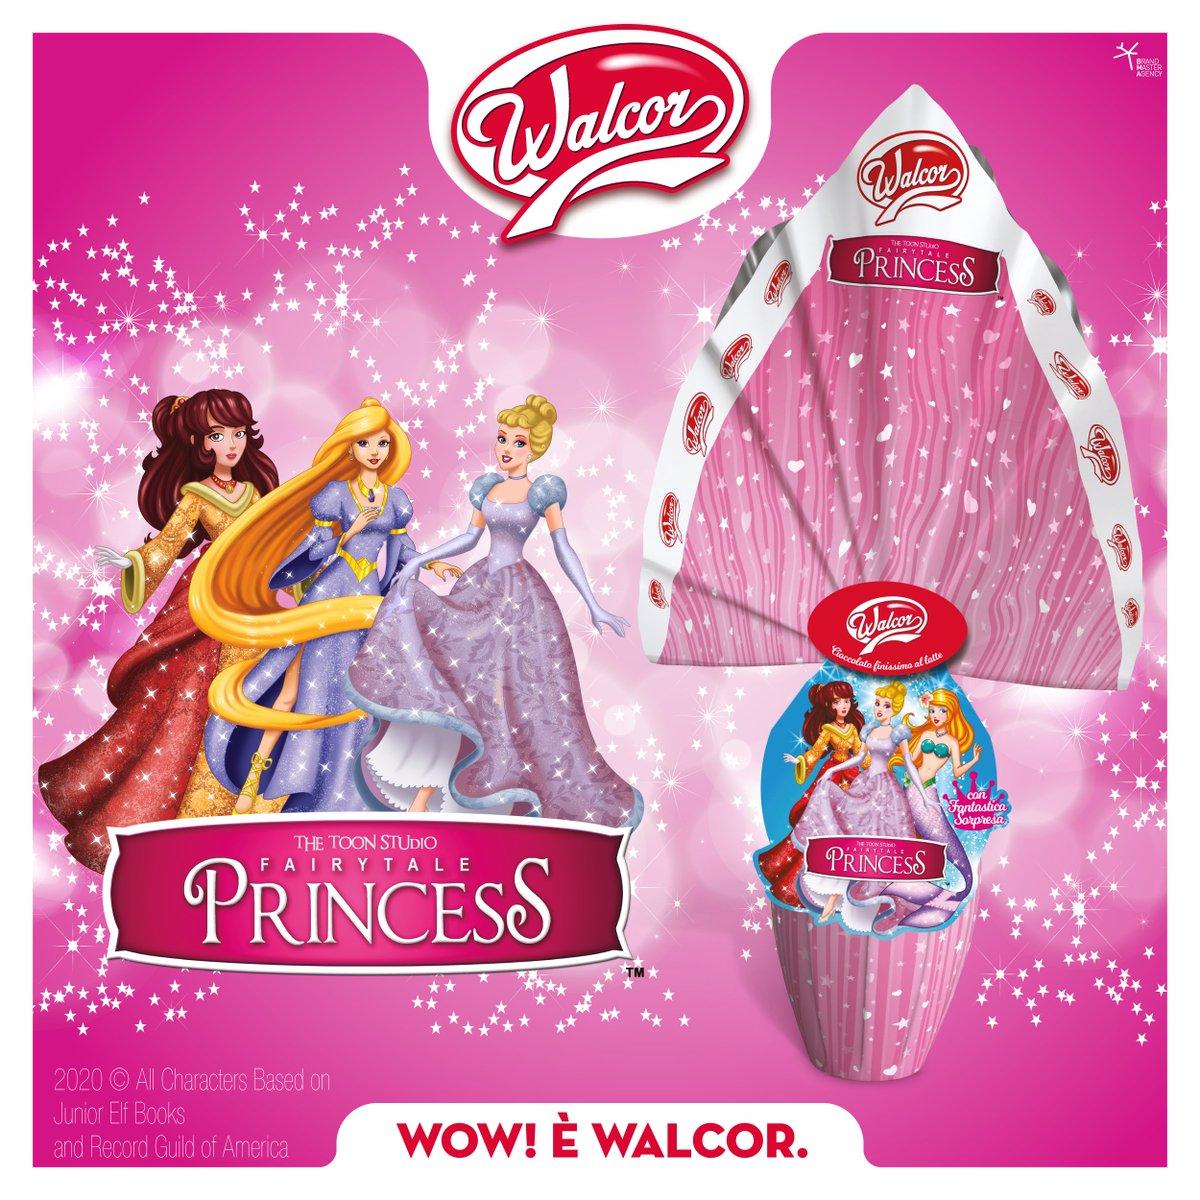 Scegli l'uovo al cioccolato al latte #Walcor #FairtailPrincess👑e regala una #Pasqua magica a tutte le piccole principesse!😊❤️🍫 #uovodipasqua #princess #surprise #chocolate